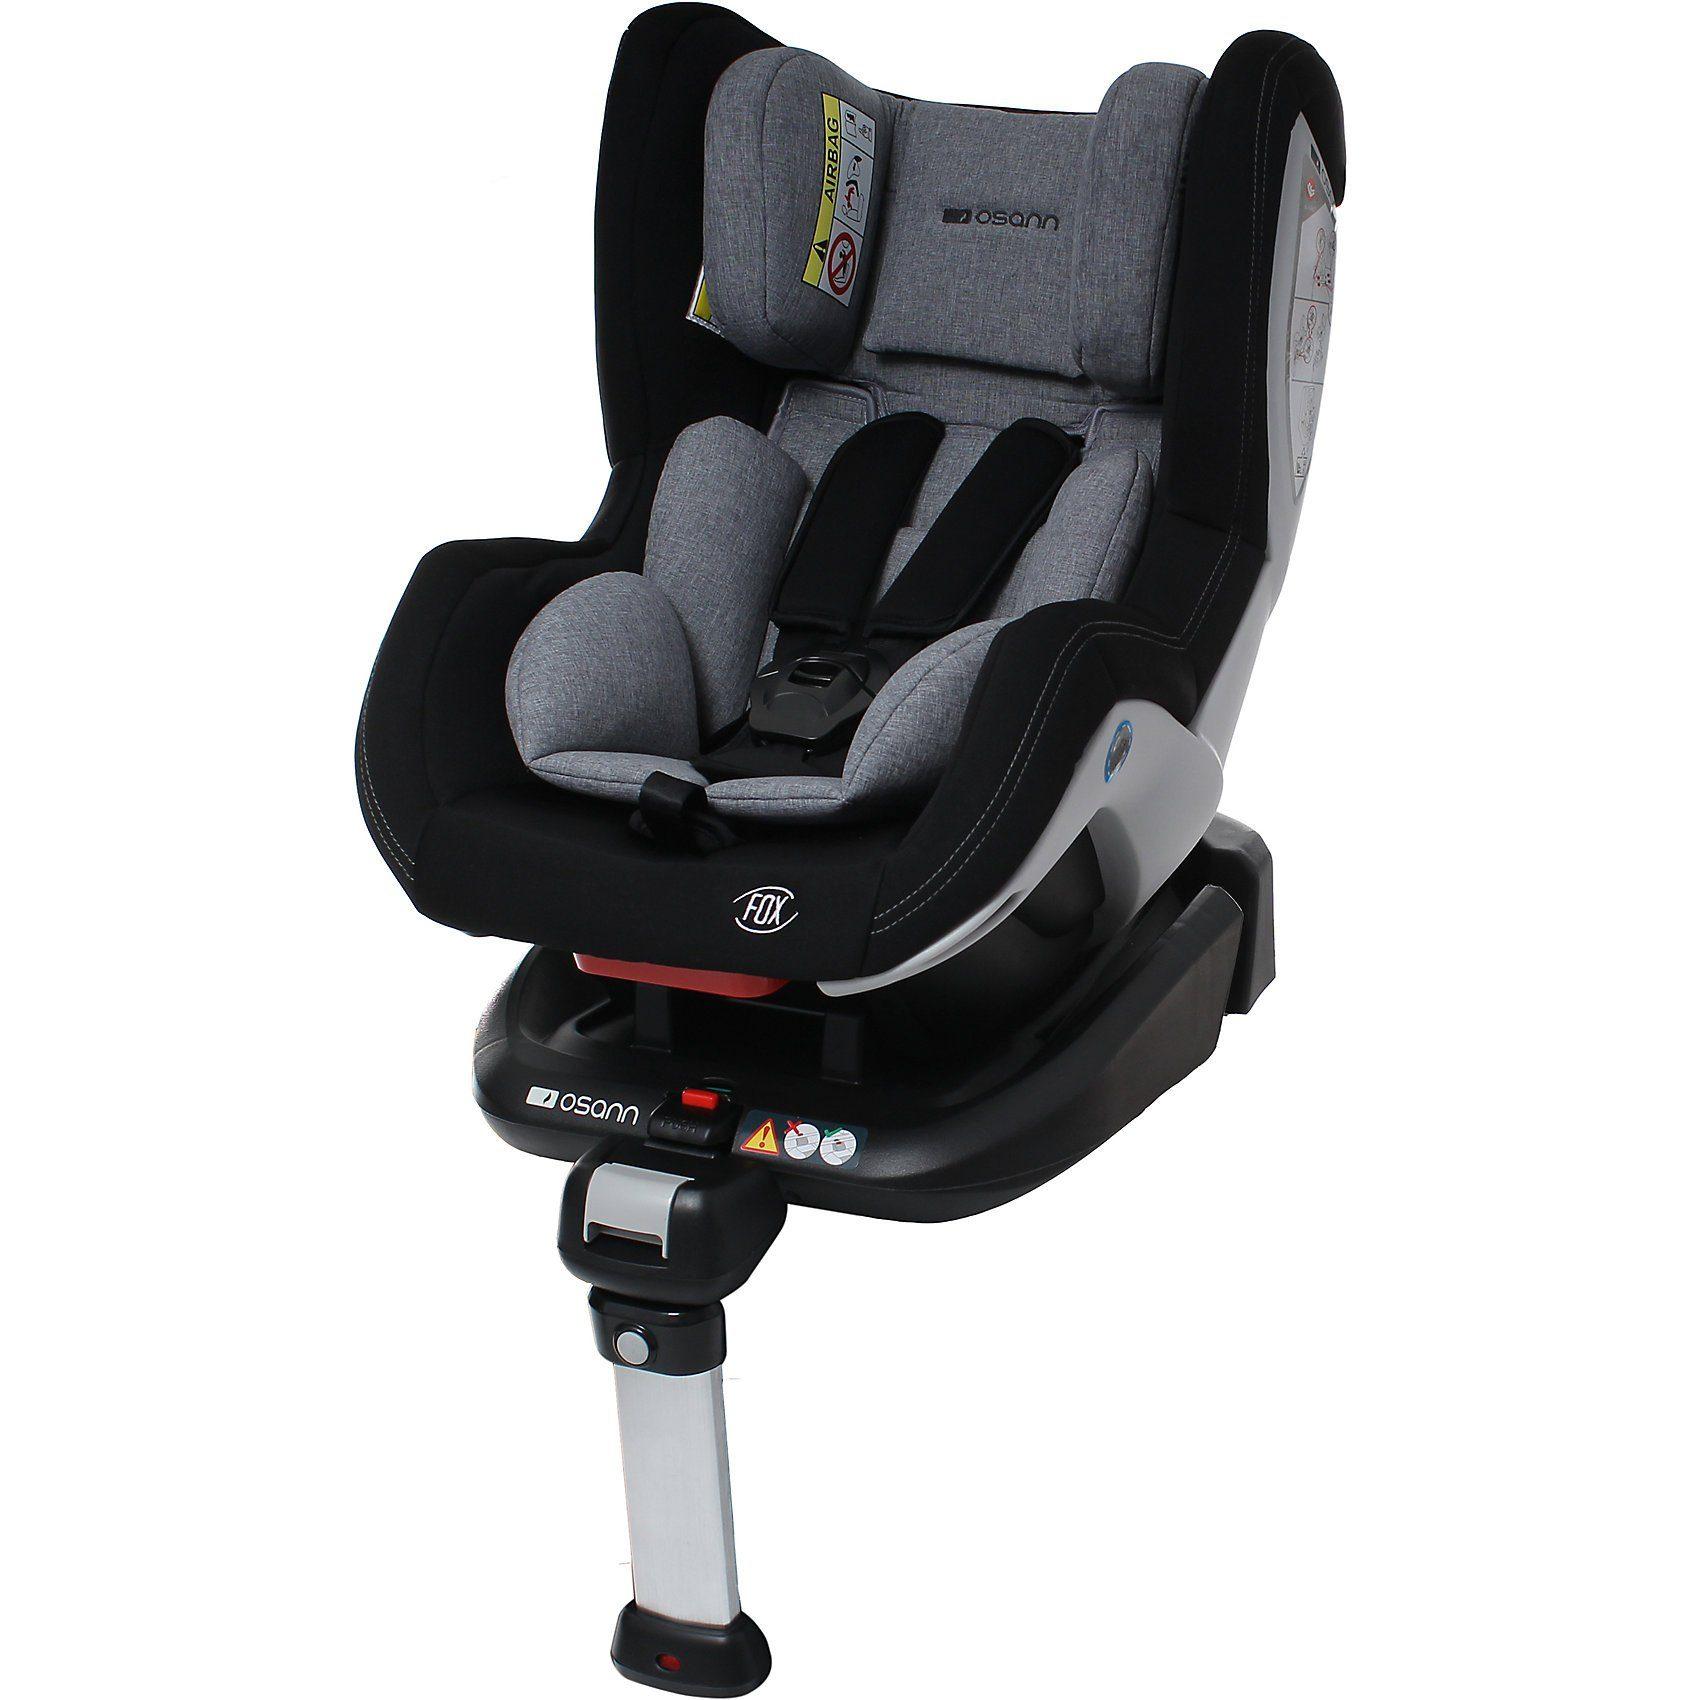 Osann Auto-Kindersitz FOX, Black Melange, 2018